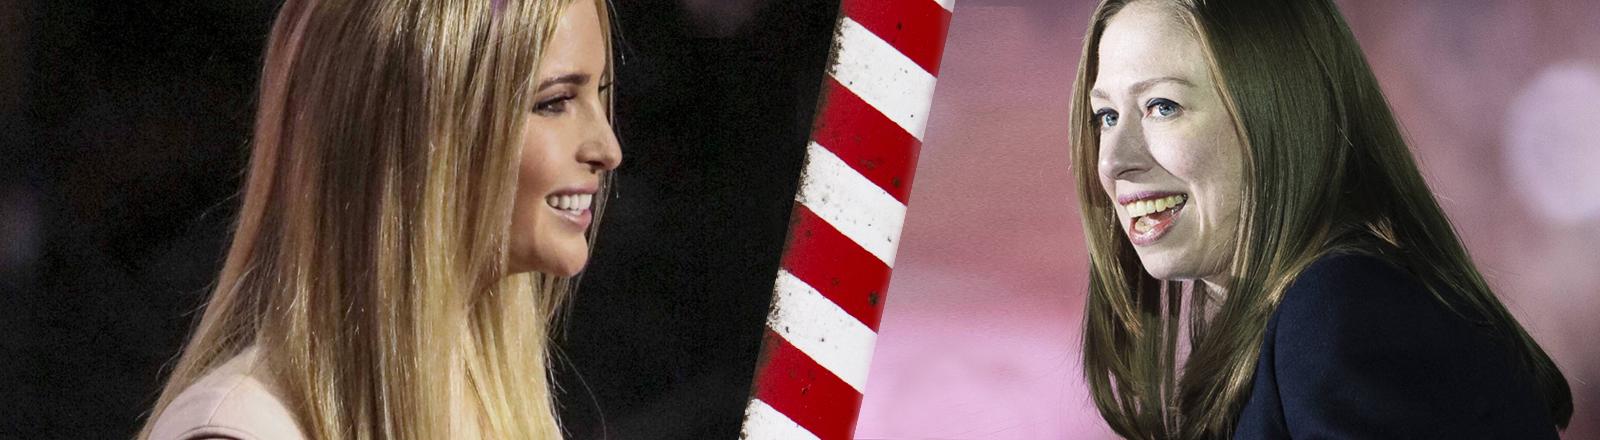 Chelsea Clinton und Ivanka Trump stehen sich gegenüber.